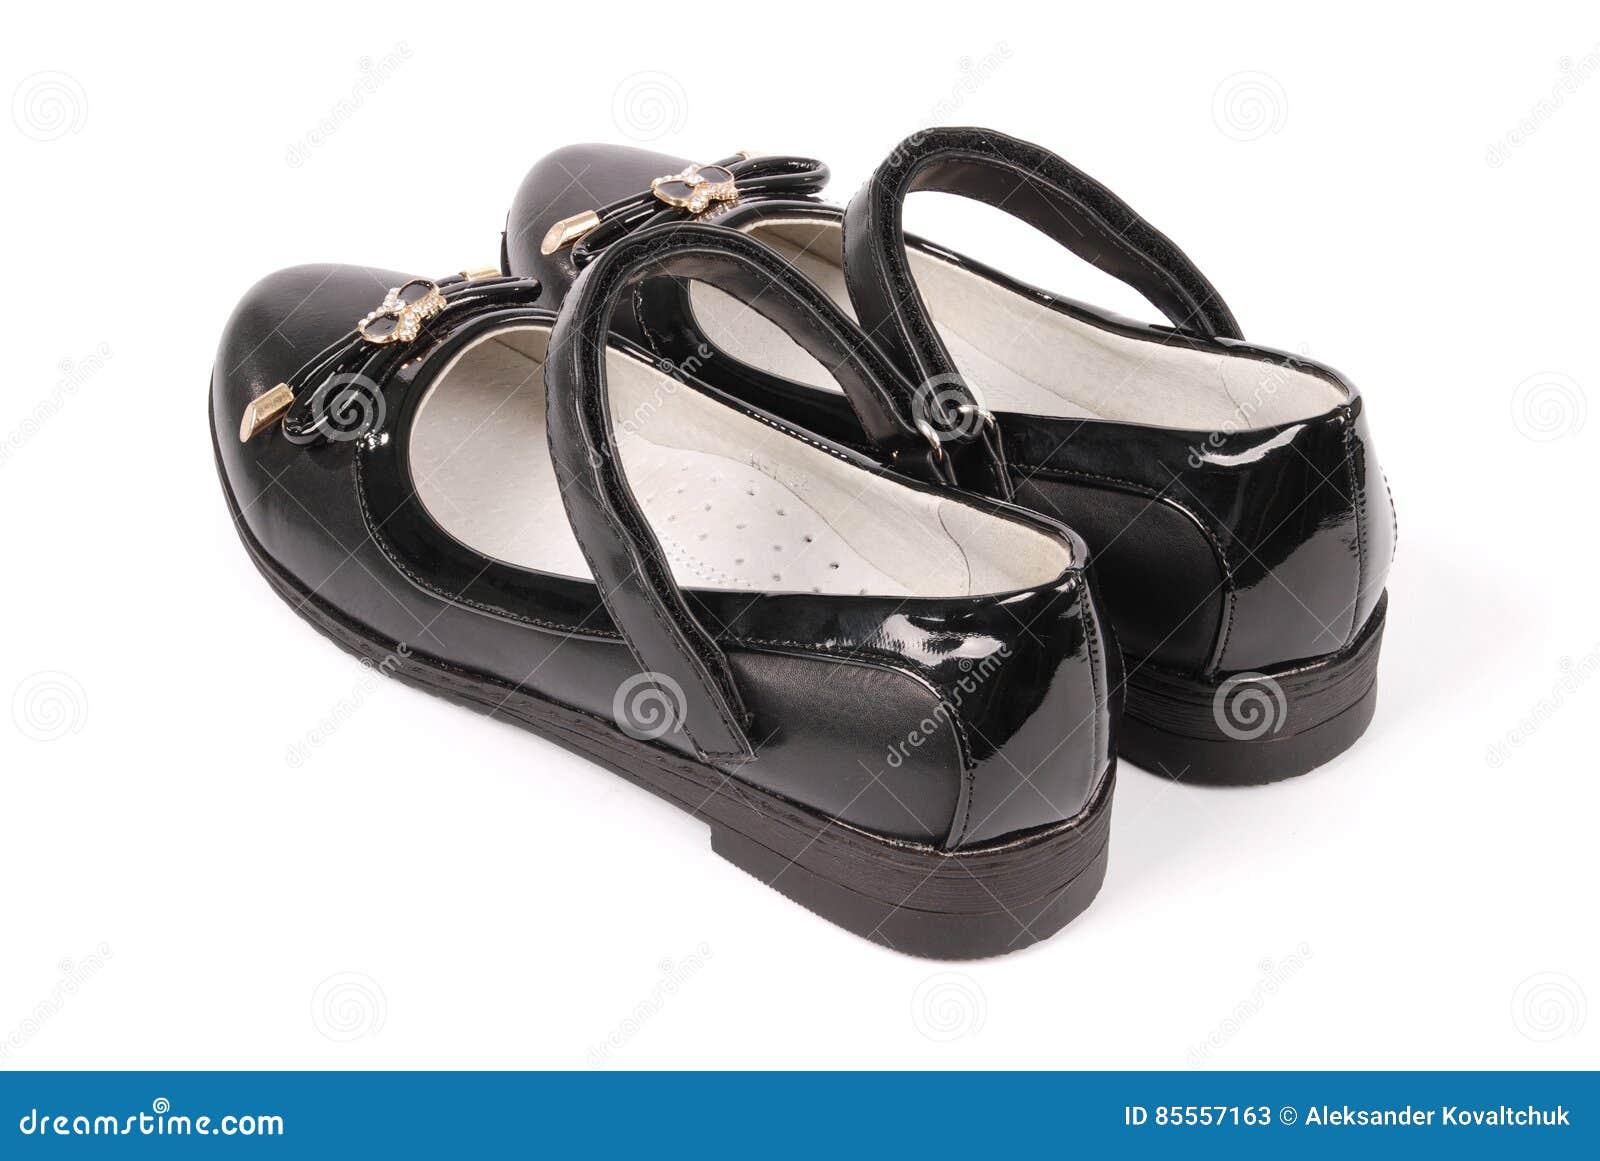 Ein Paar schwarze Lederschuhe für Kinder